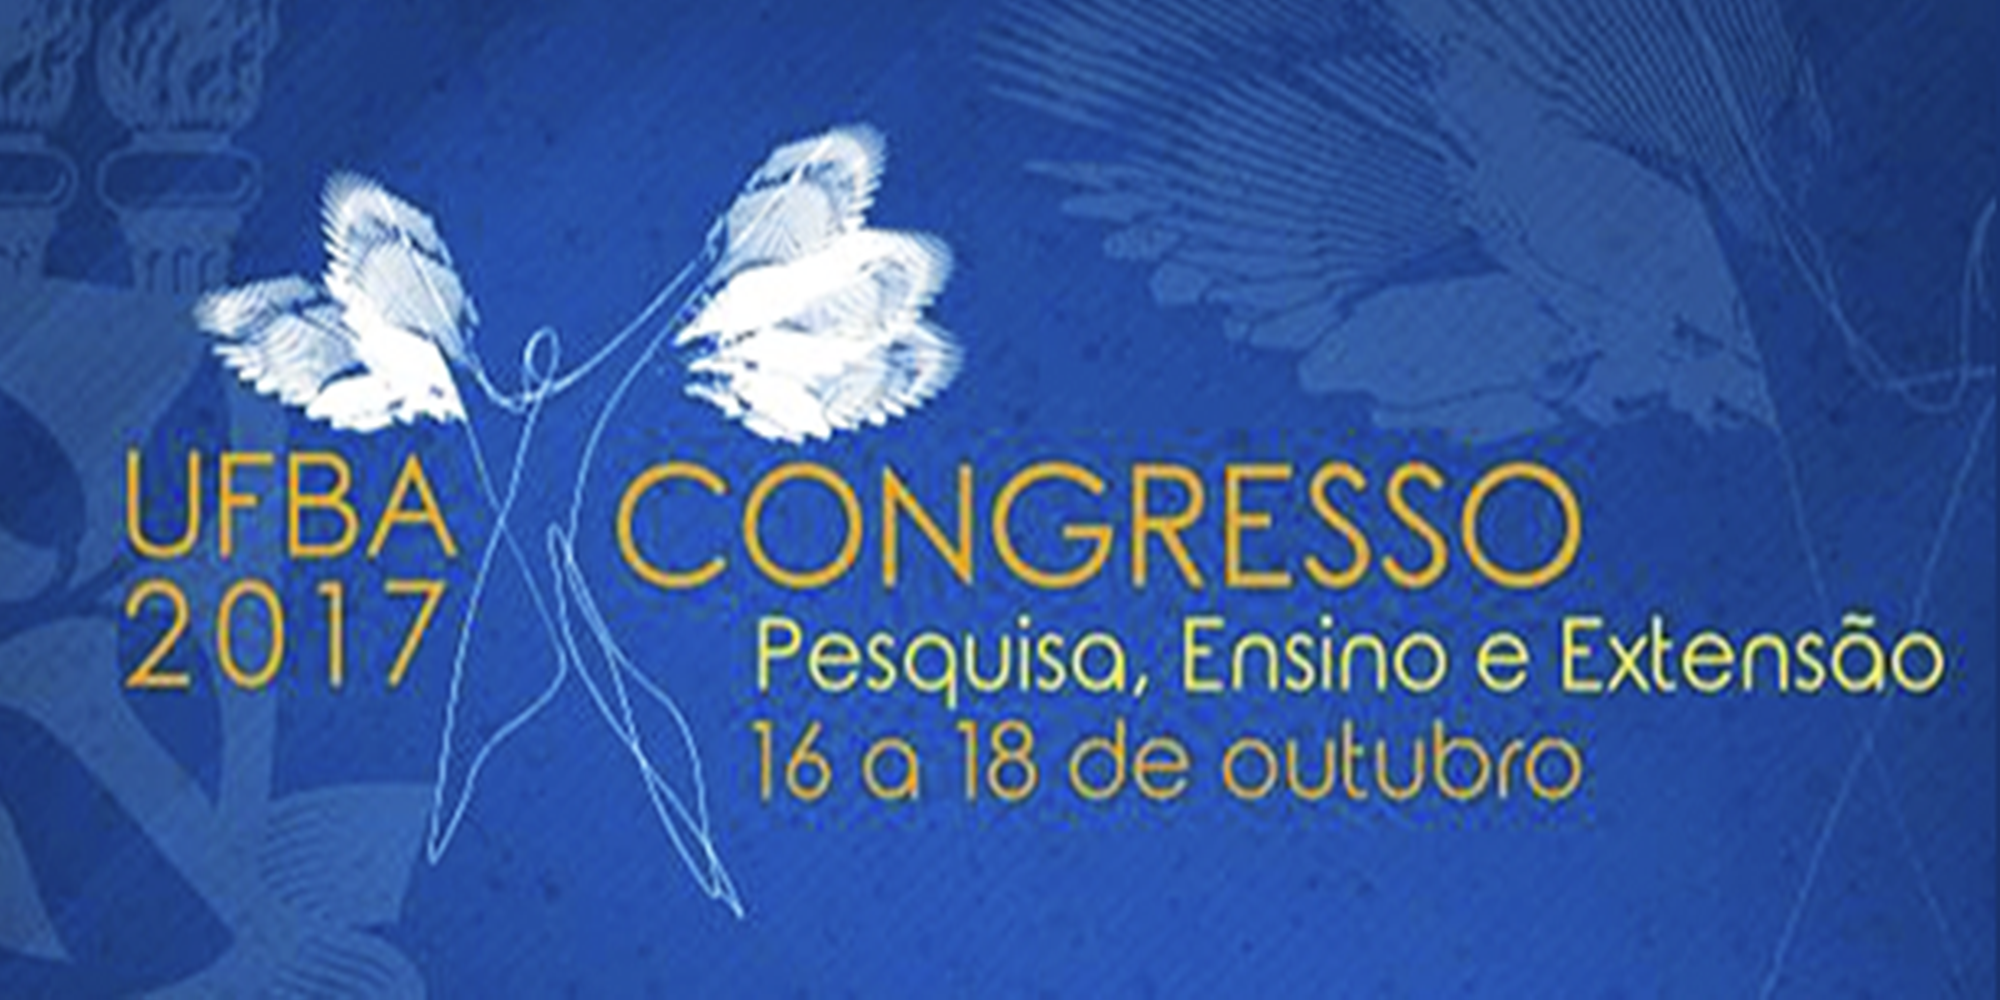 Aberta a Chamada para Submissão de Trabalhos para o Congresso de Pesquisa, Ensino e Extensão da UFBA